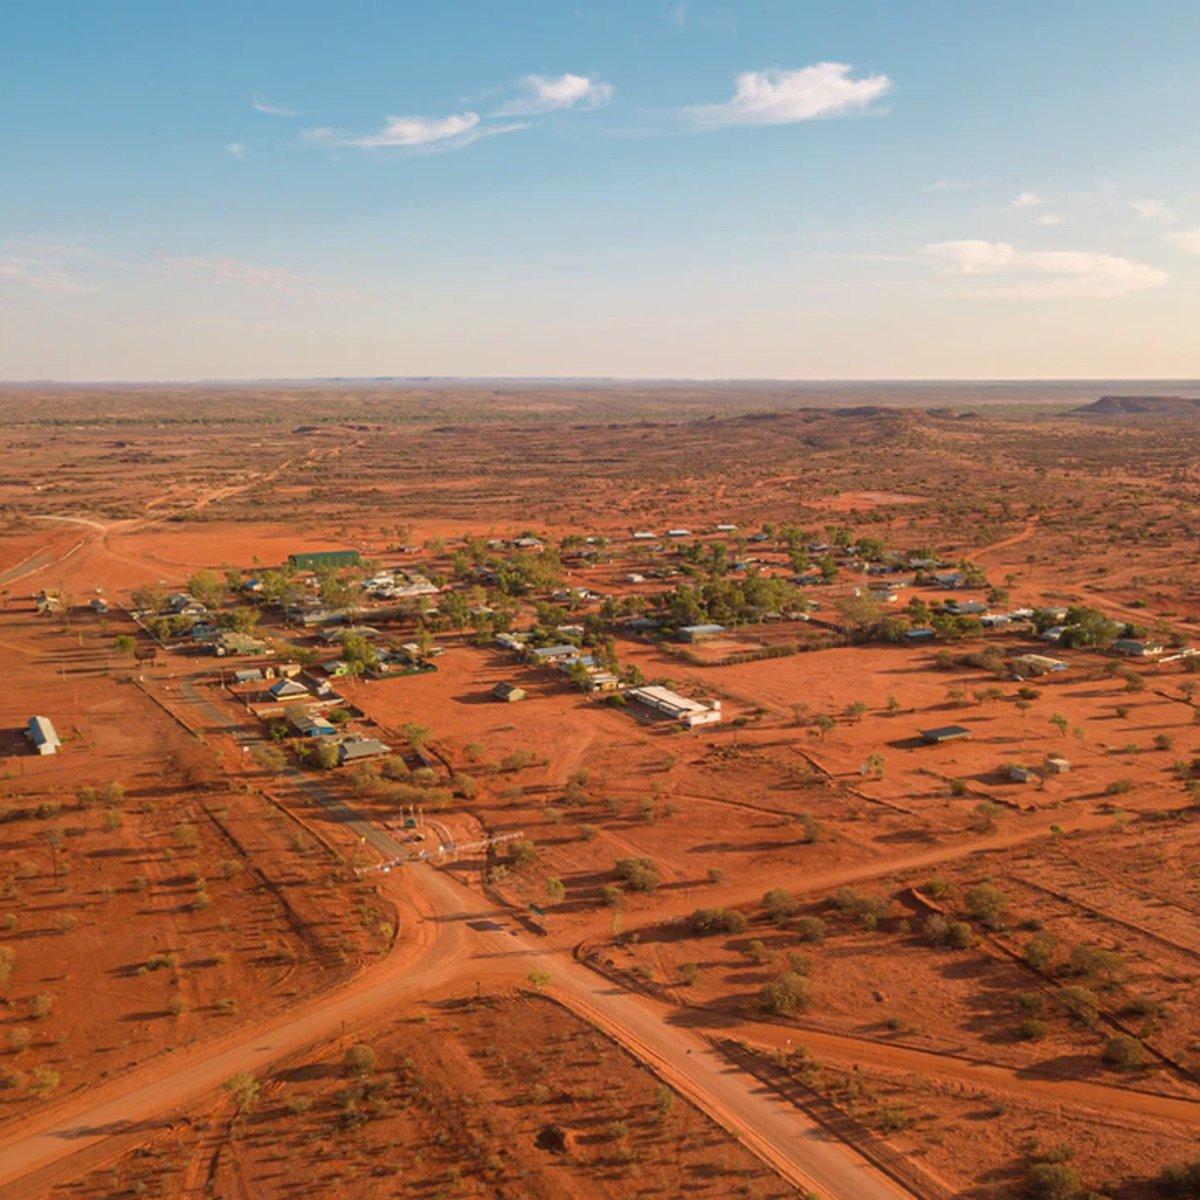 Finke Northern Territory, Australia